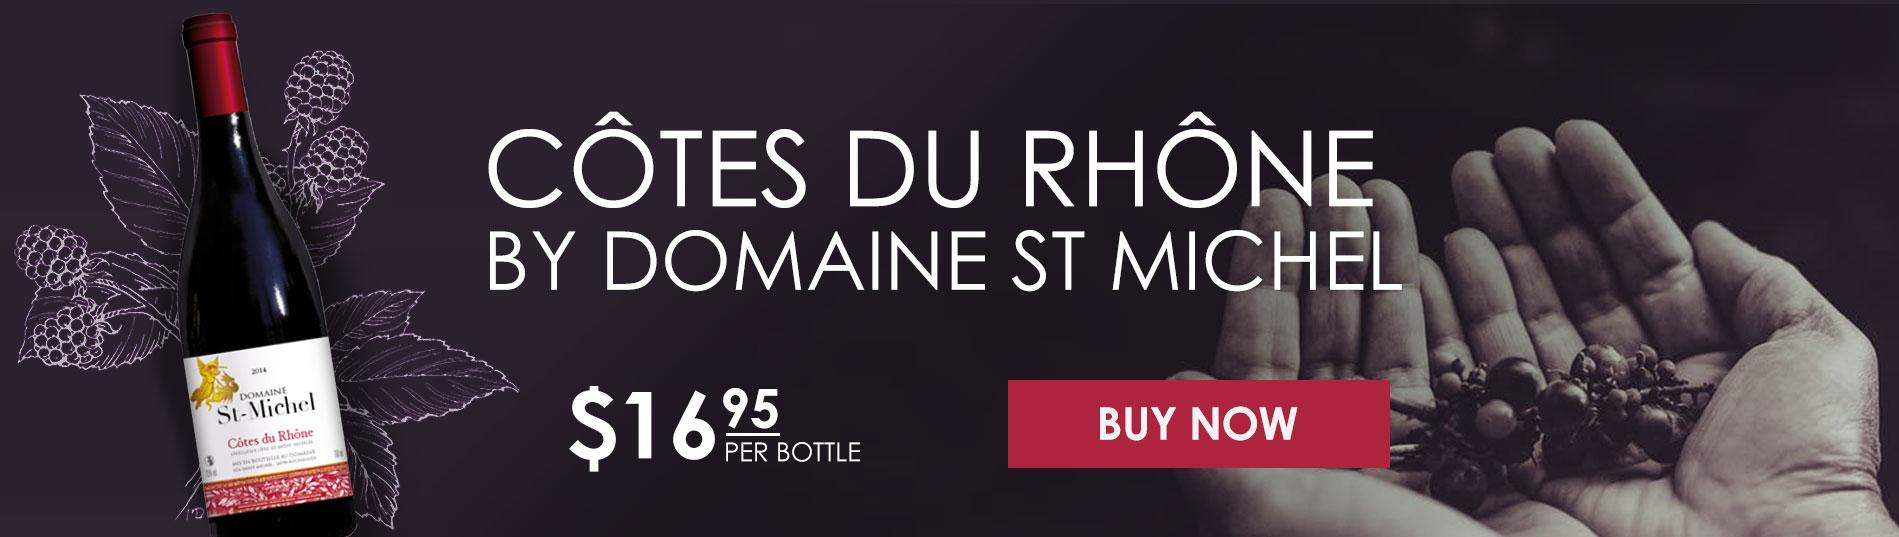 CÔTES DU RHÔNE BY DOMAINE ST MICHEL 2015